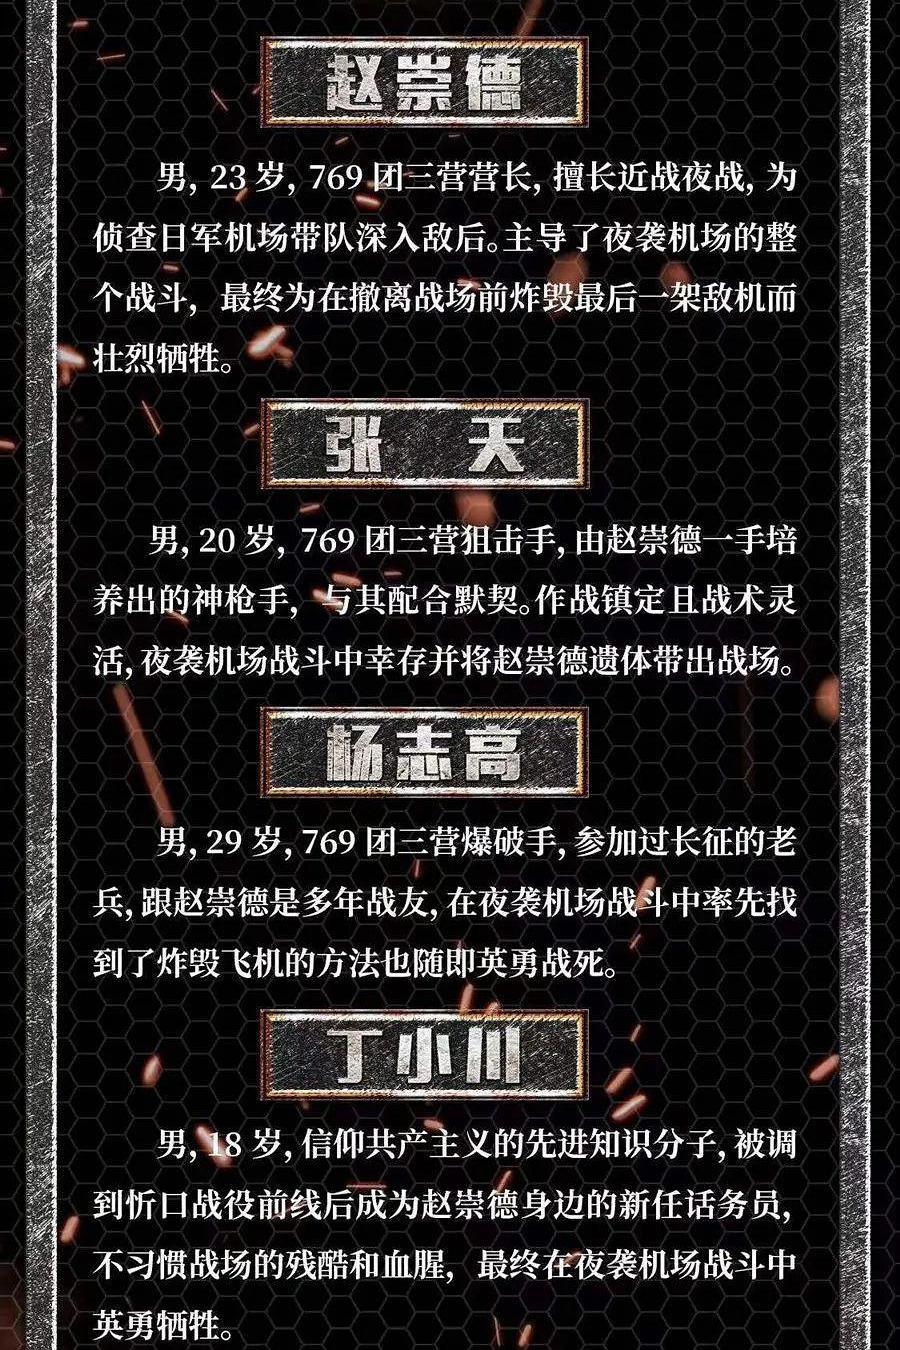 悠悠MP4_MP4电影下载_[中国营长][WEB-MKV/2.49GB][国语配音/中文字幕][4K-2160P][H265编码][英烈,抗日,2021等评分,真实故事,大陆,